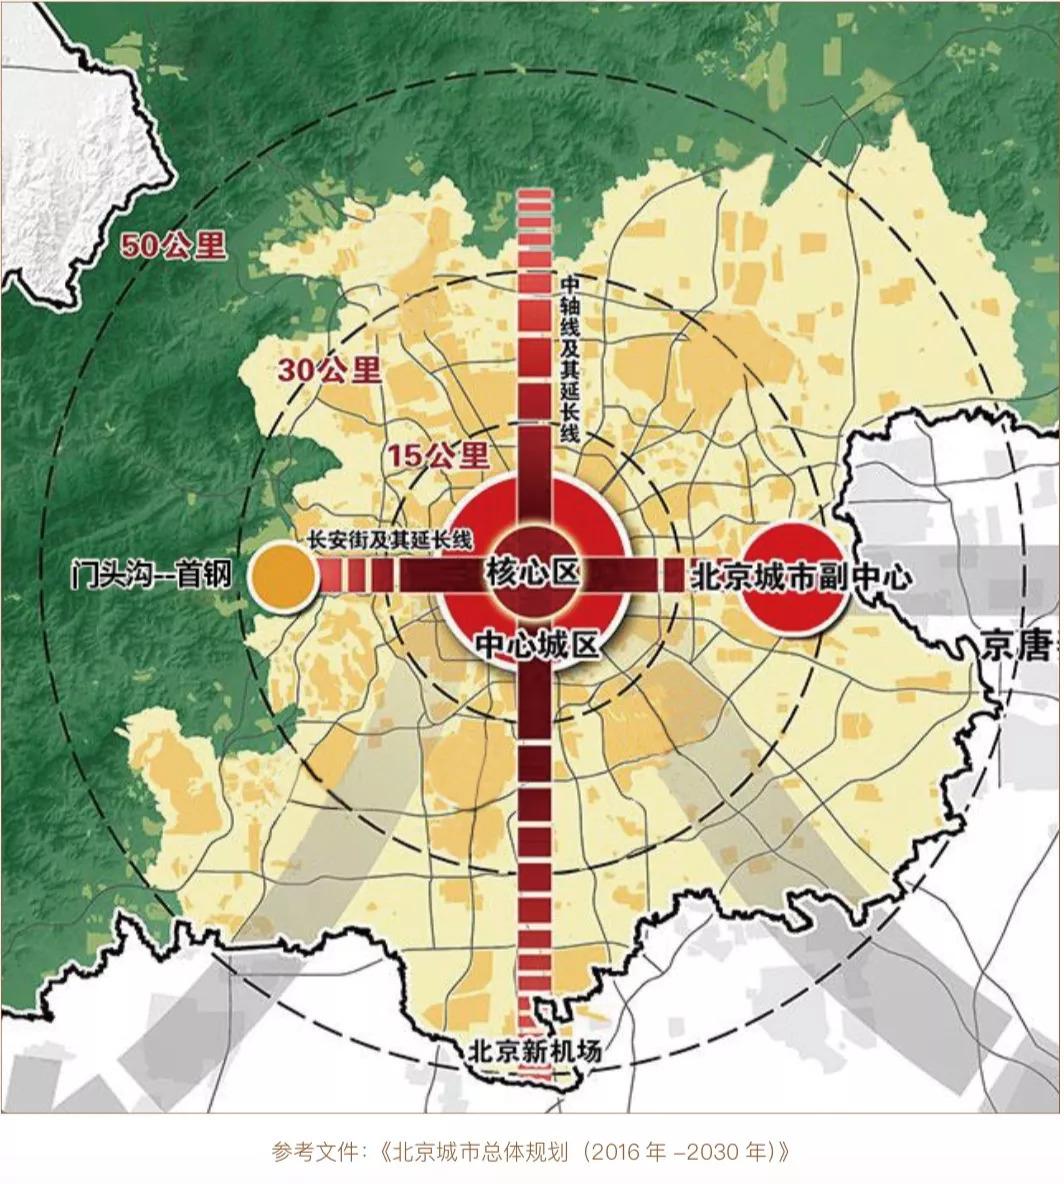 首钢gdp_图表 国内时事 国家发改委批准首钢涉钢系统全部迁出北京的方案